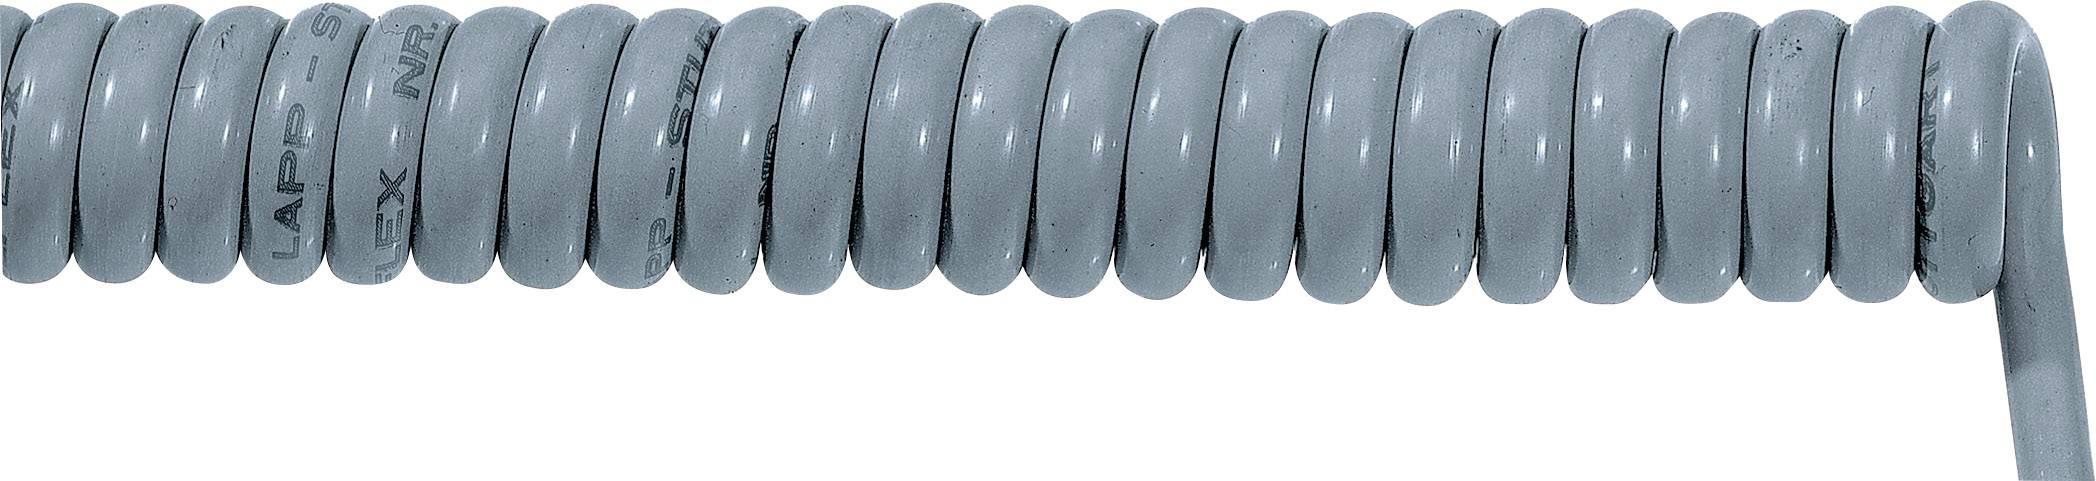 Špirálový kábel 70002681 ÖLFLEX® SPIRAL 400 P 2 x 1.50 mm², 500 mm / 1500 mm, sivá